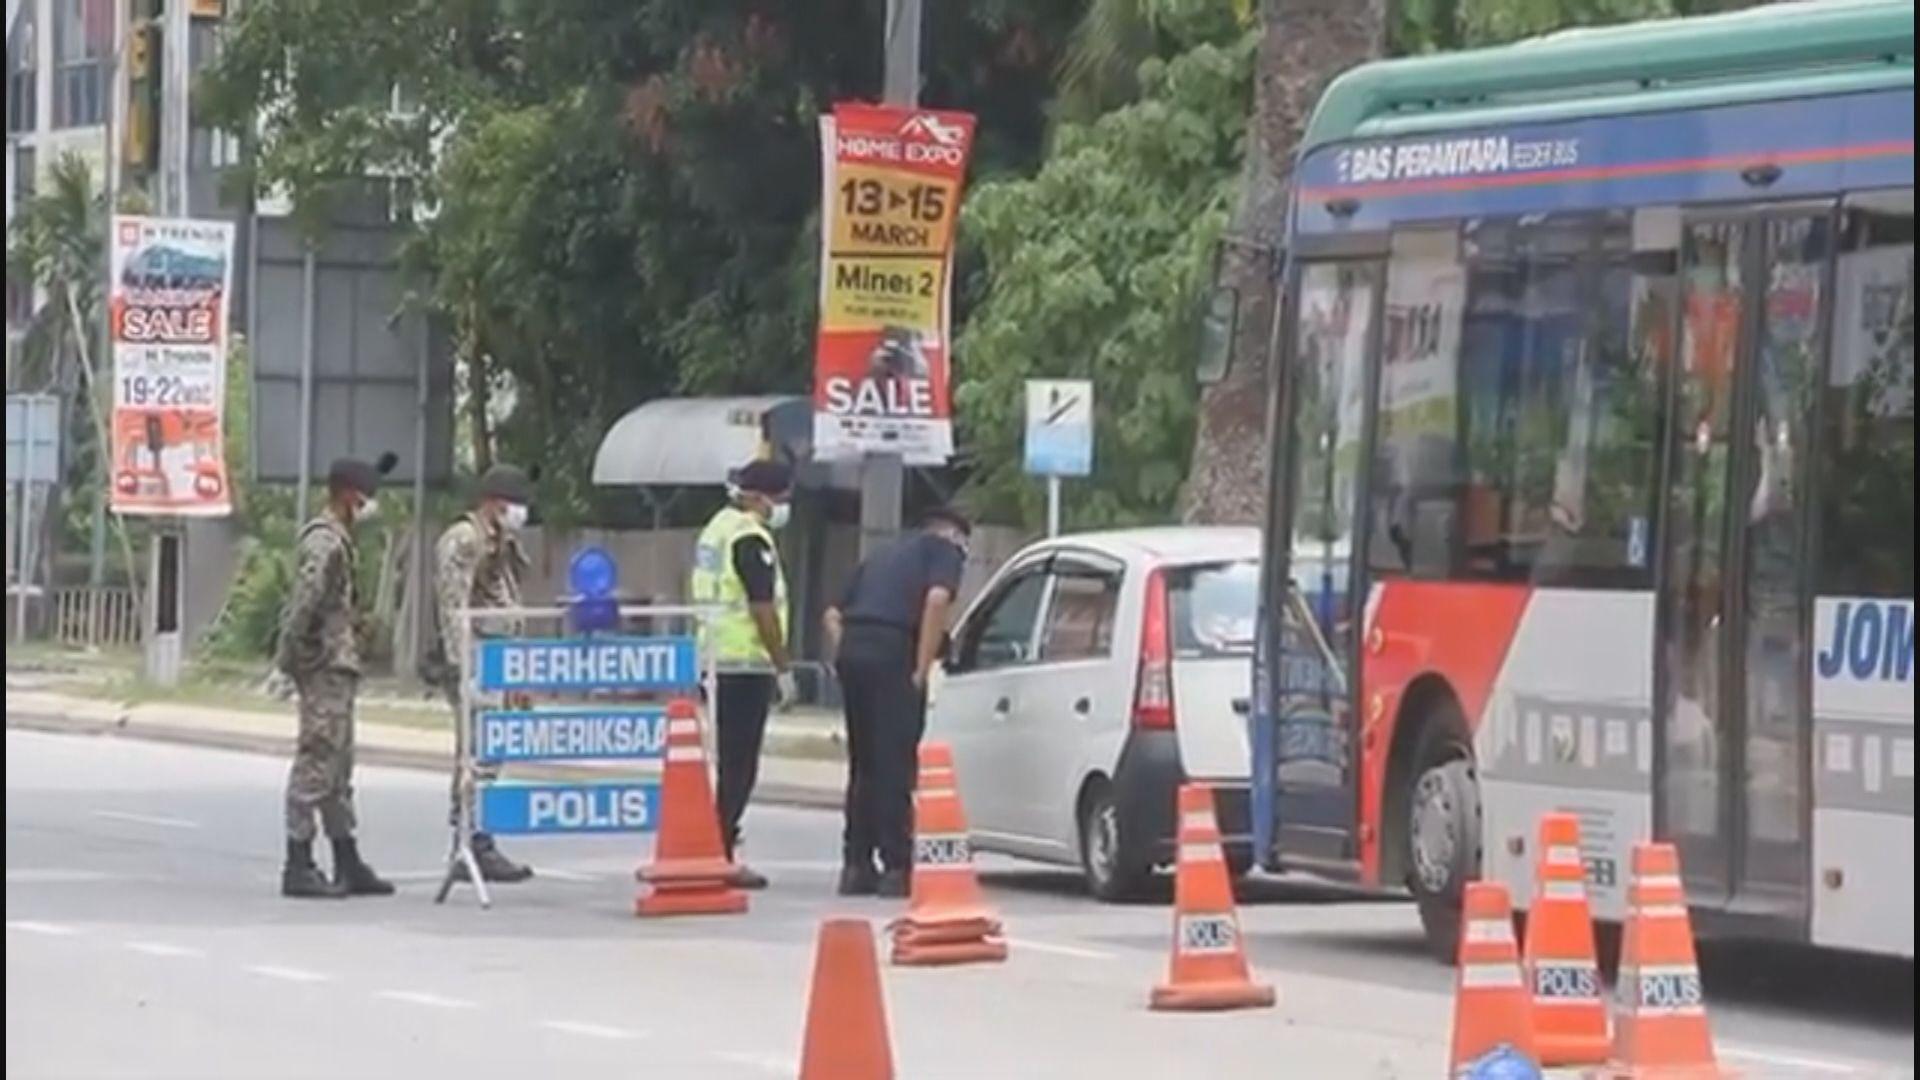 馬來西亞調派國防衛隊協助執法 禁止民眾外出